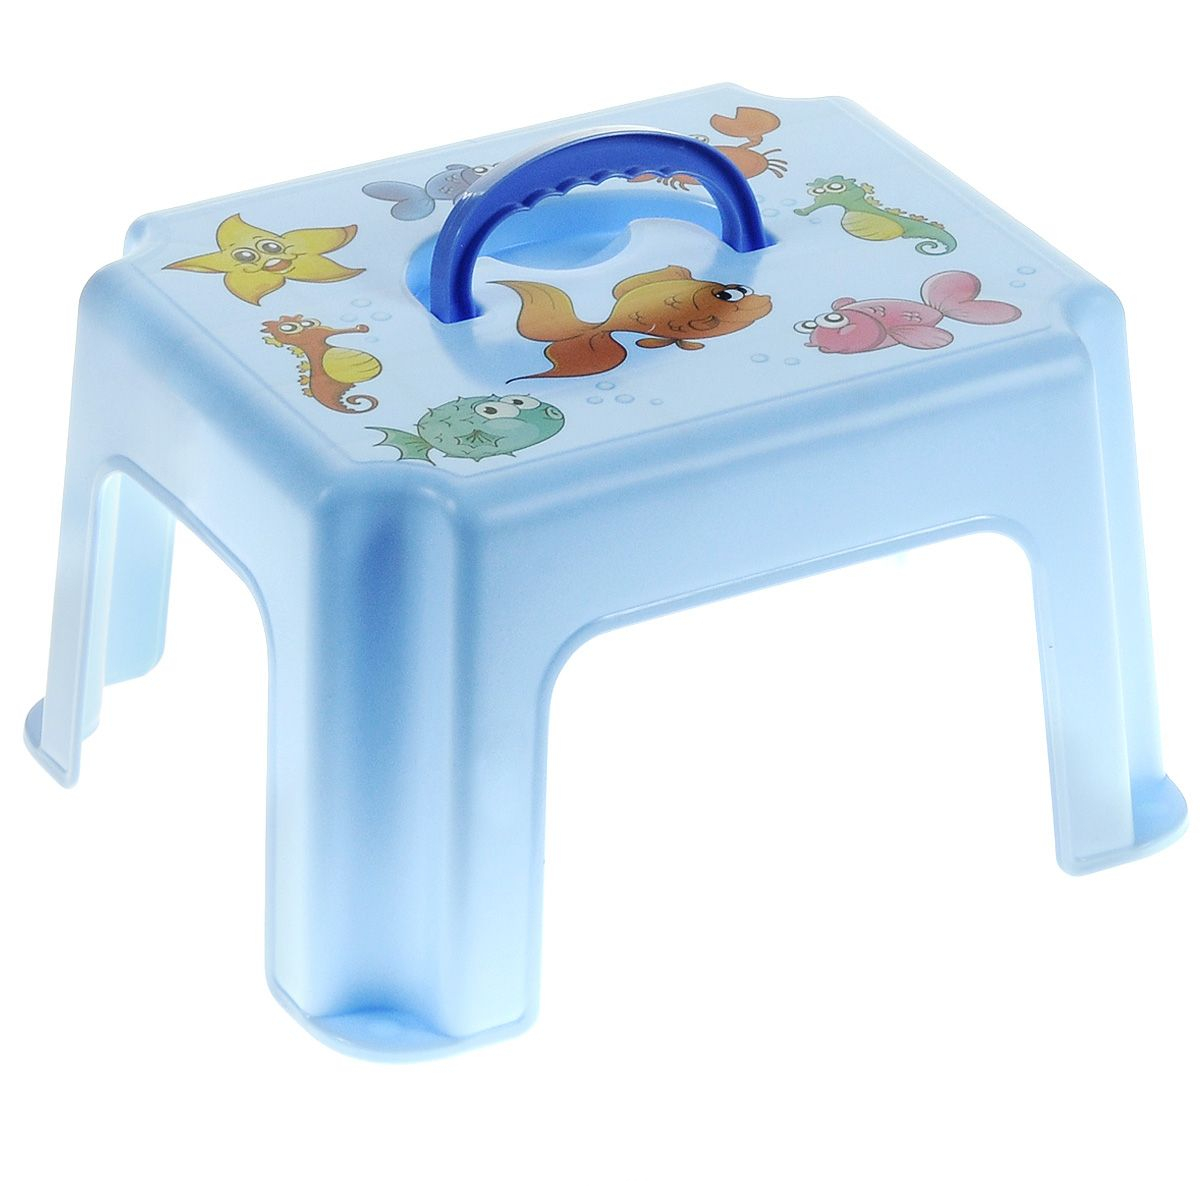 Табурет-подставка - Рыбки с ручкой, голубойЗащита<br>Табурет-подставка - Рыбки с ручкой, голубой<br>